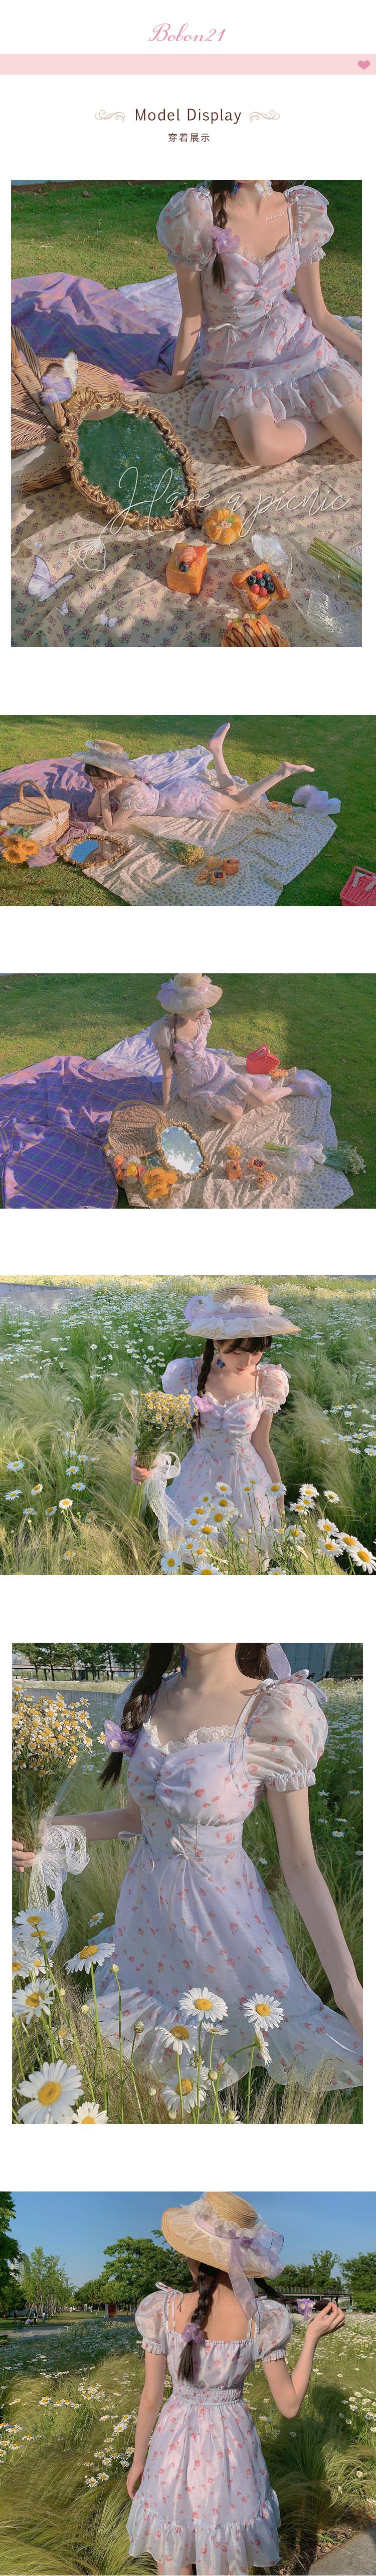 莉摩花样爱丽丝我超甜小碎花收腰雪纺洋装短上衣详细照片